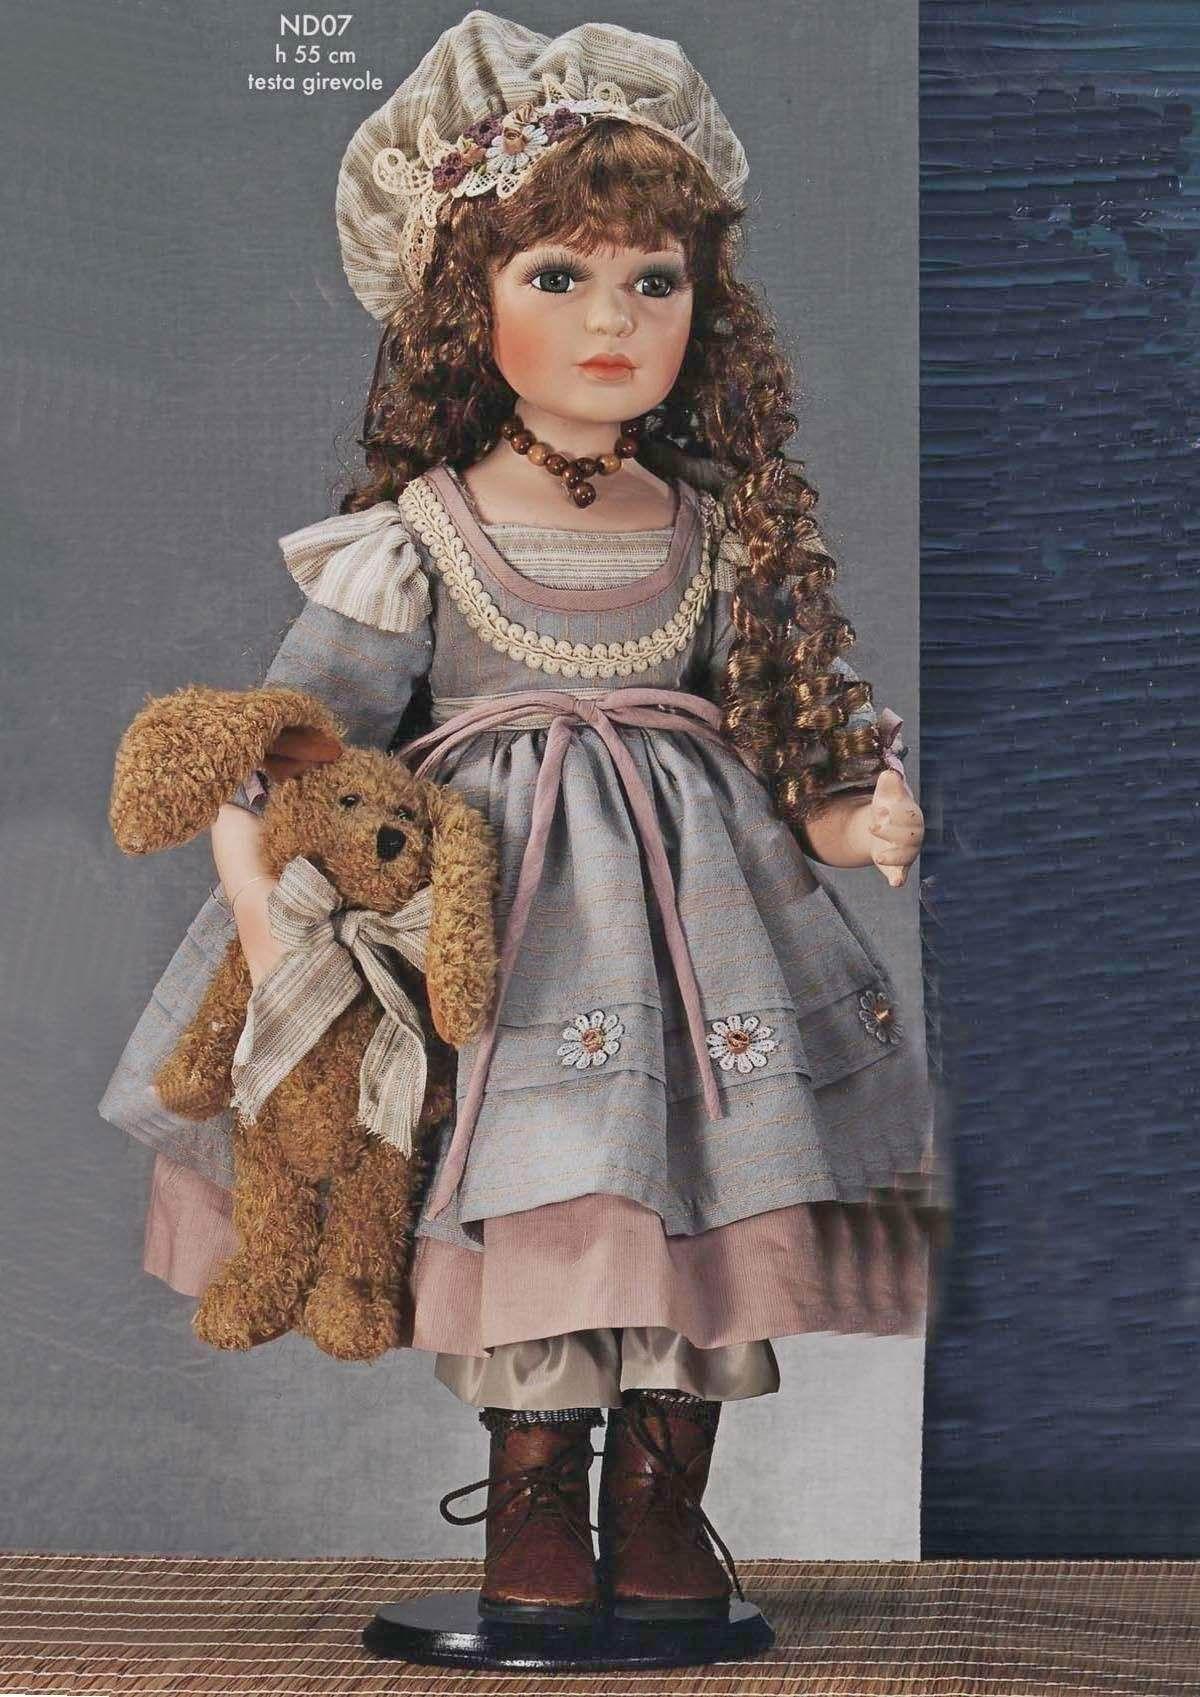 Bambole in porcellana da collezione | Bambole di porcellana